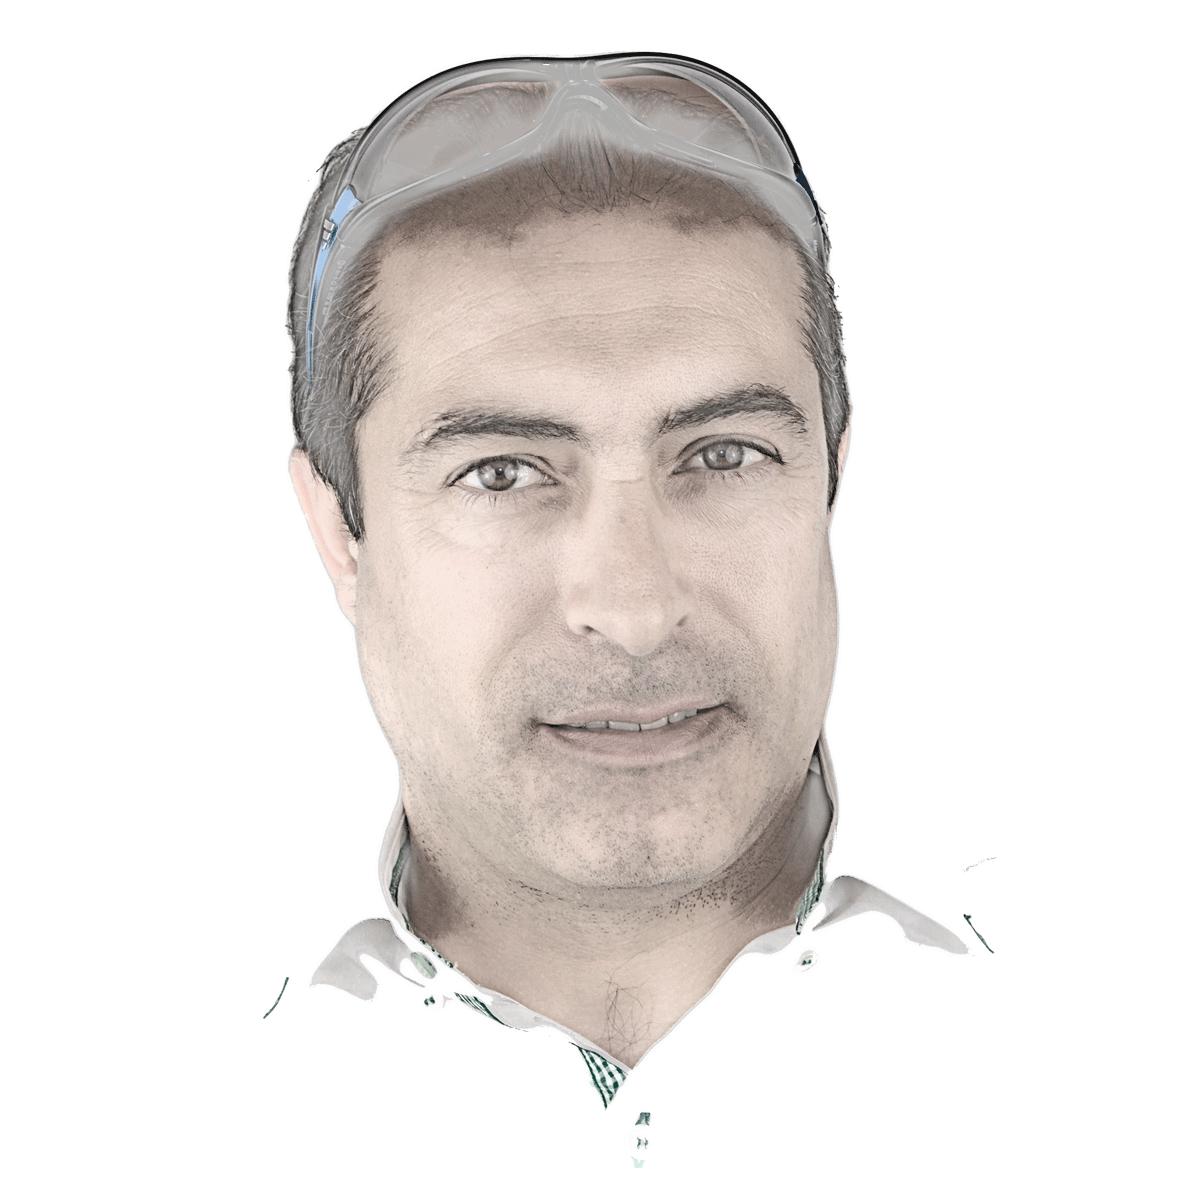 Ivan Miguelez